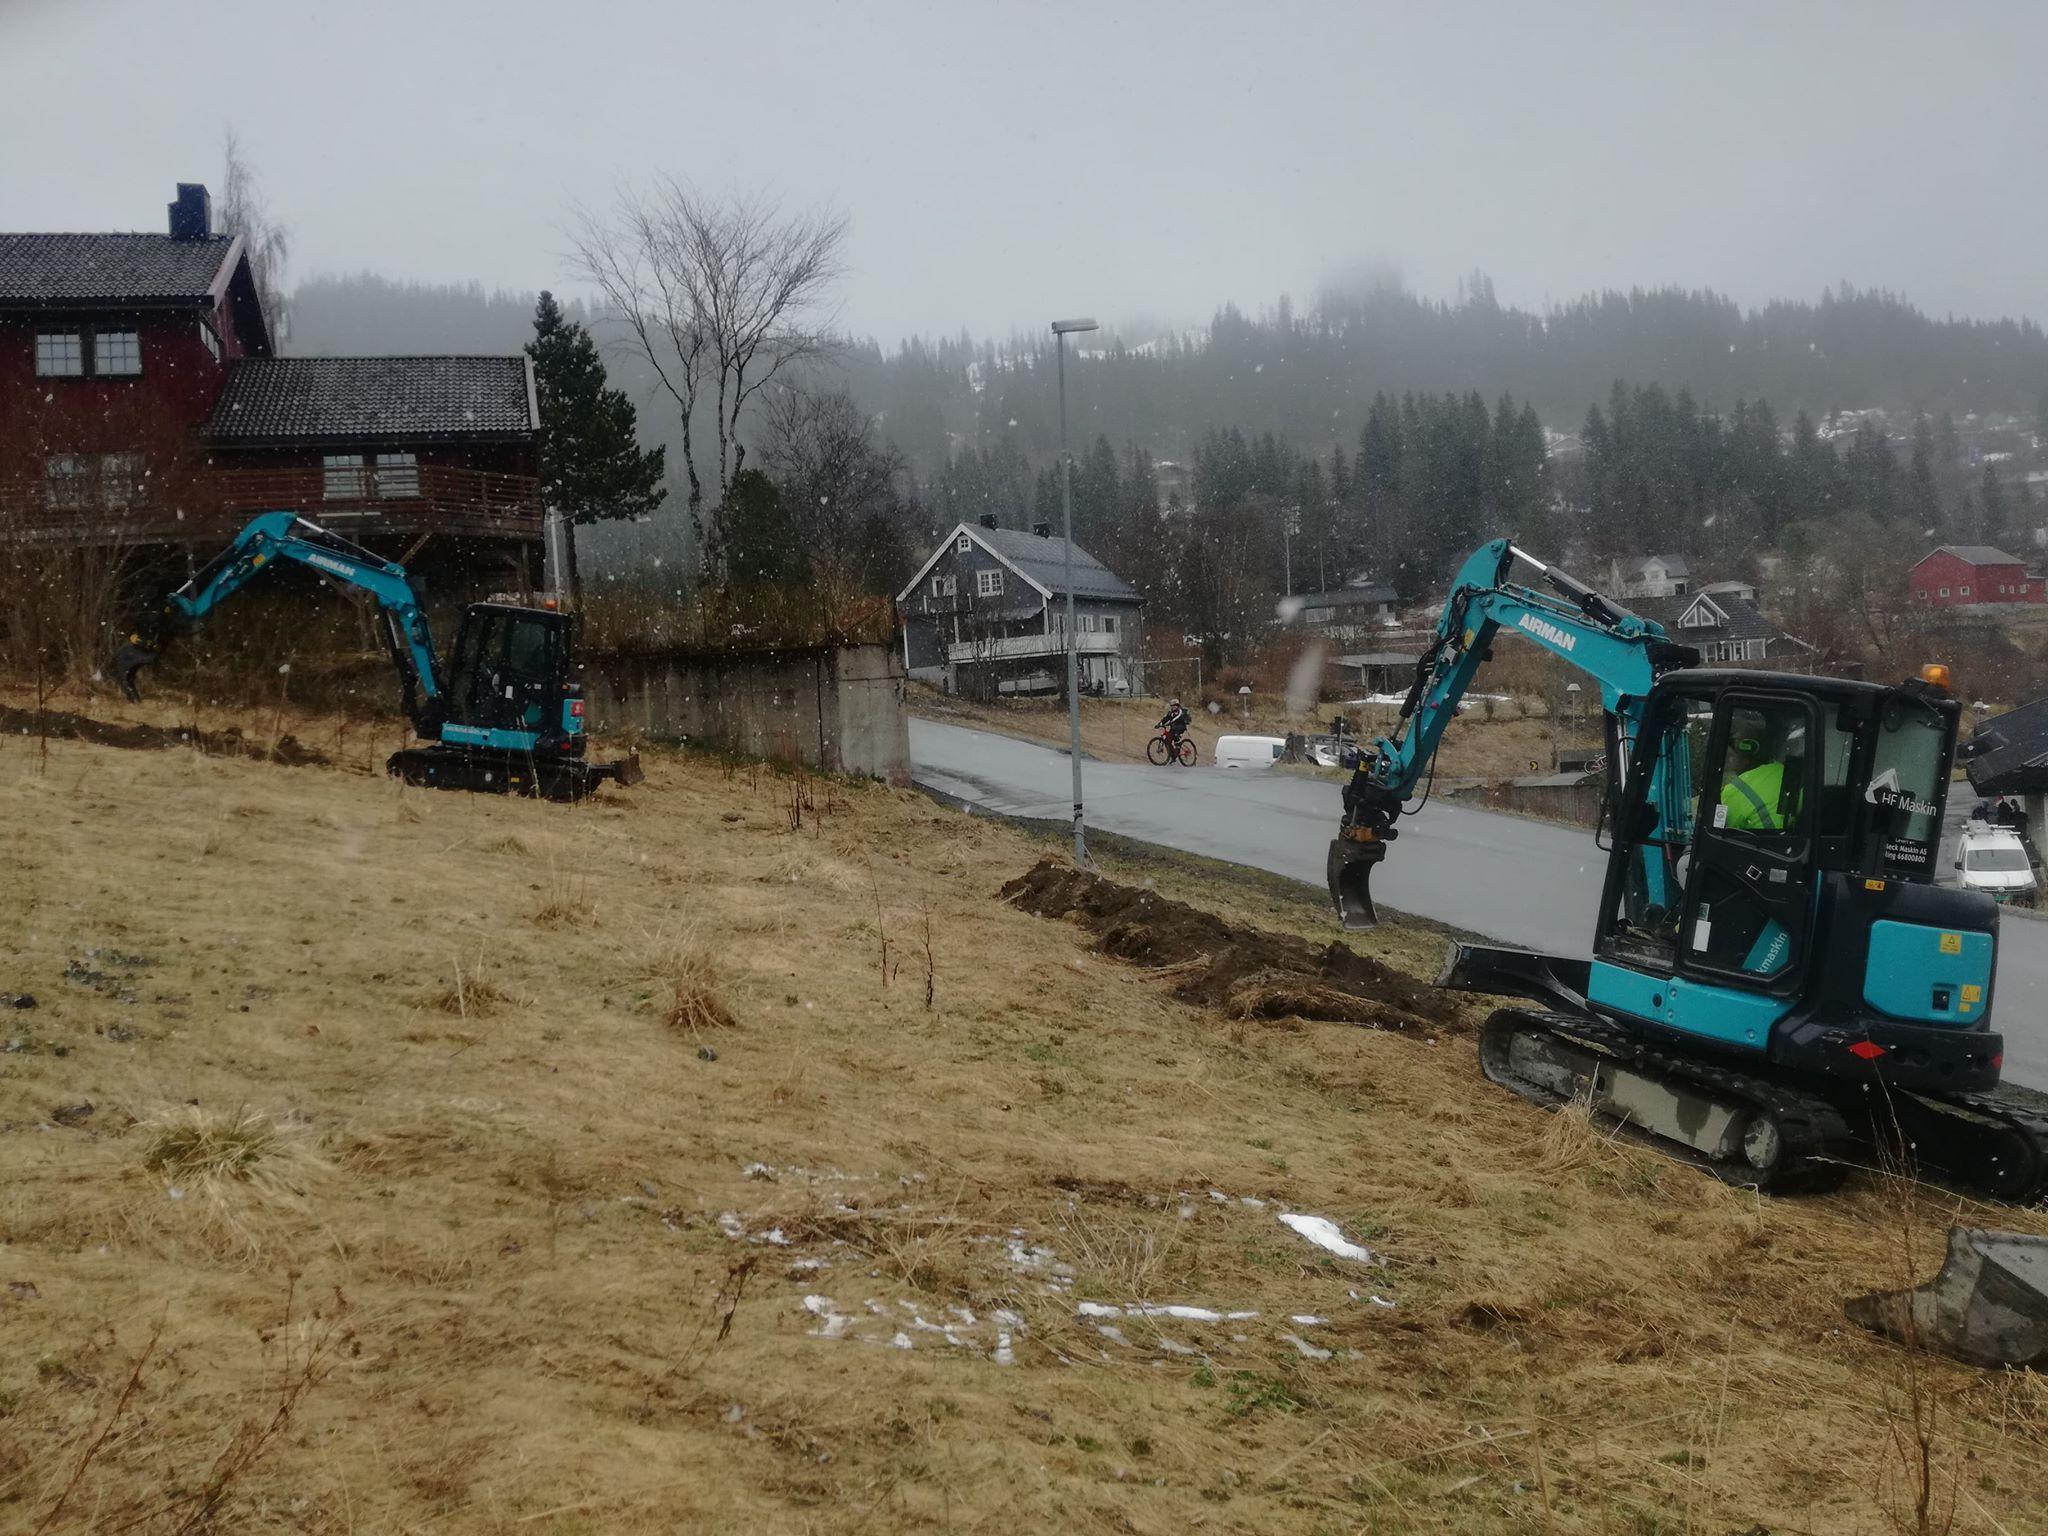 Gravearbeidet er i gang i Finneidfjord i forbindelse med fiberutbyggingen